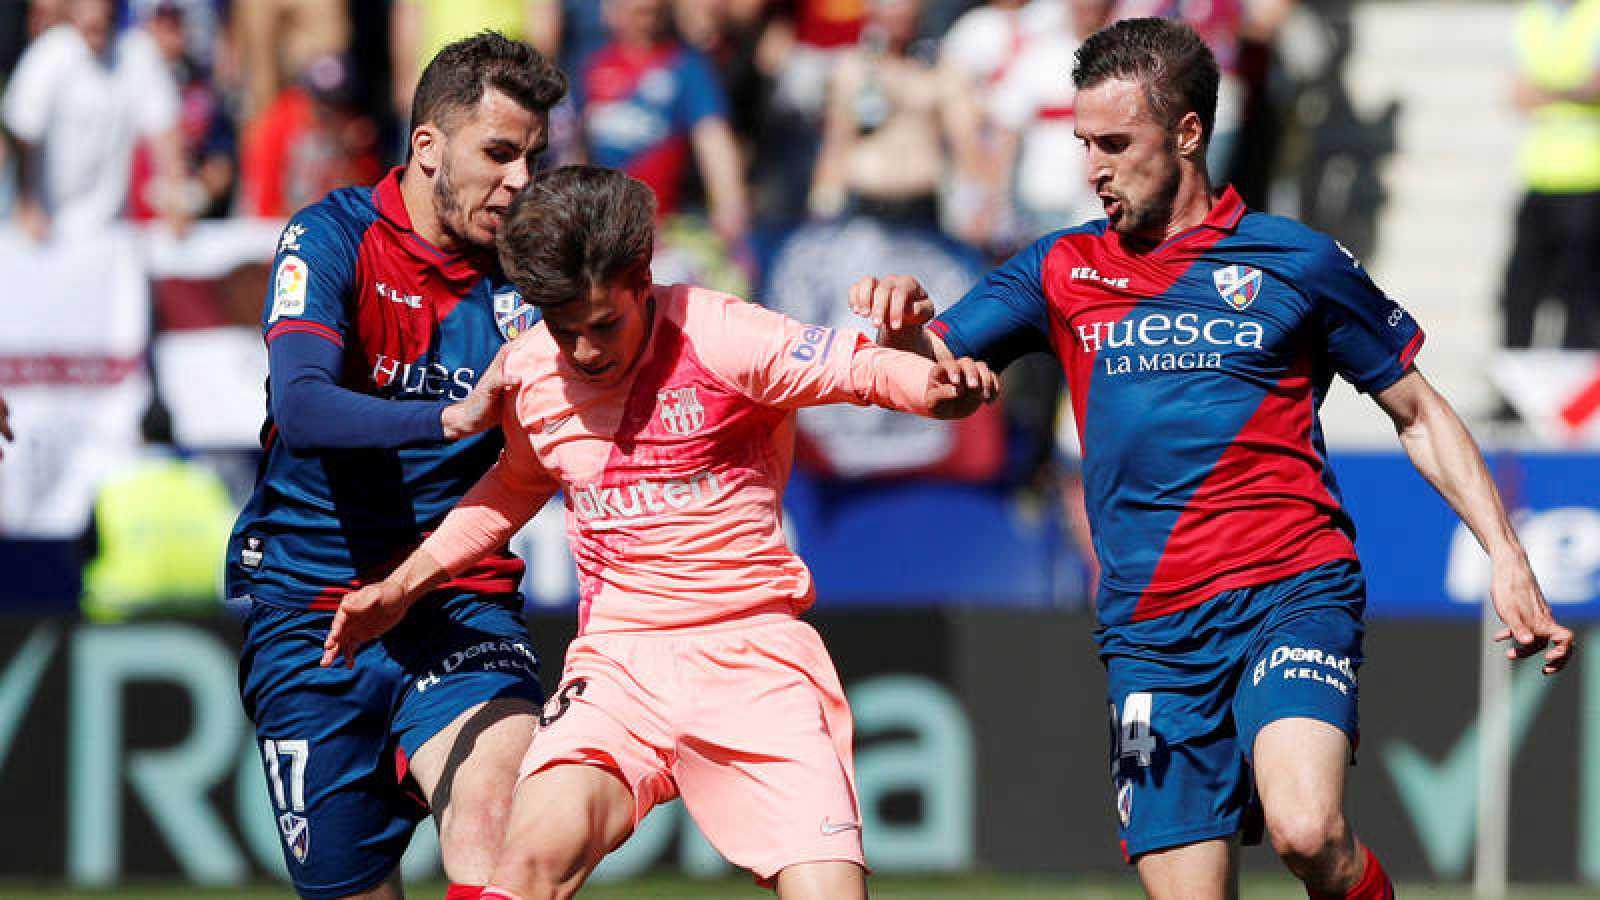 El Barça presume de cantera pero se deja dos puntos ante el Huesca